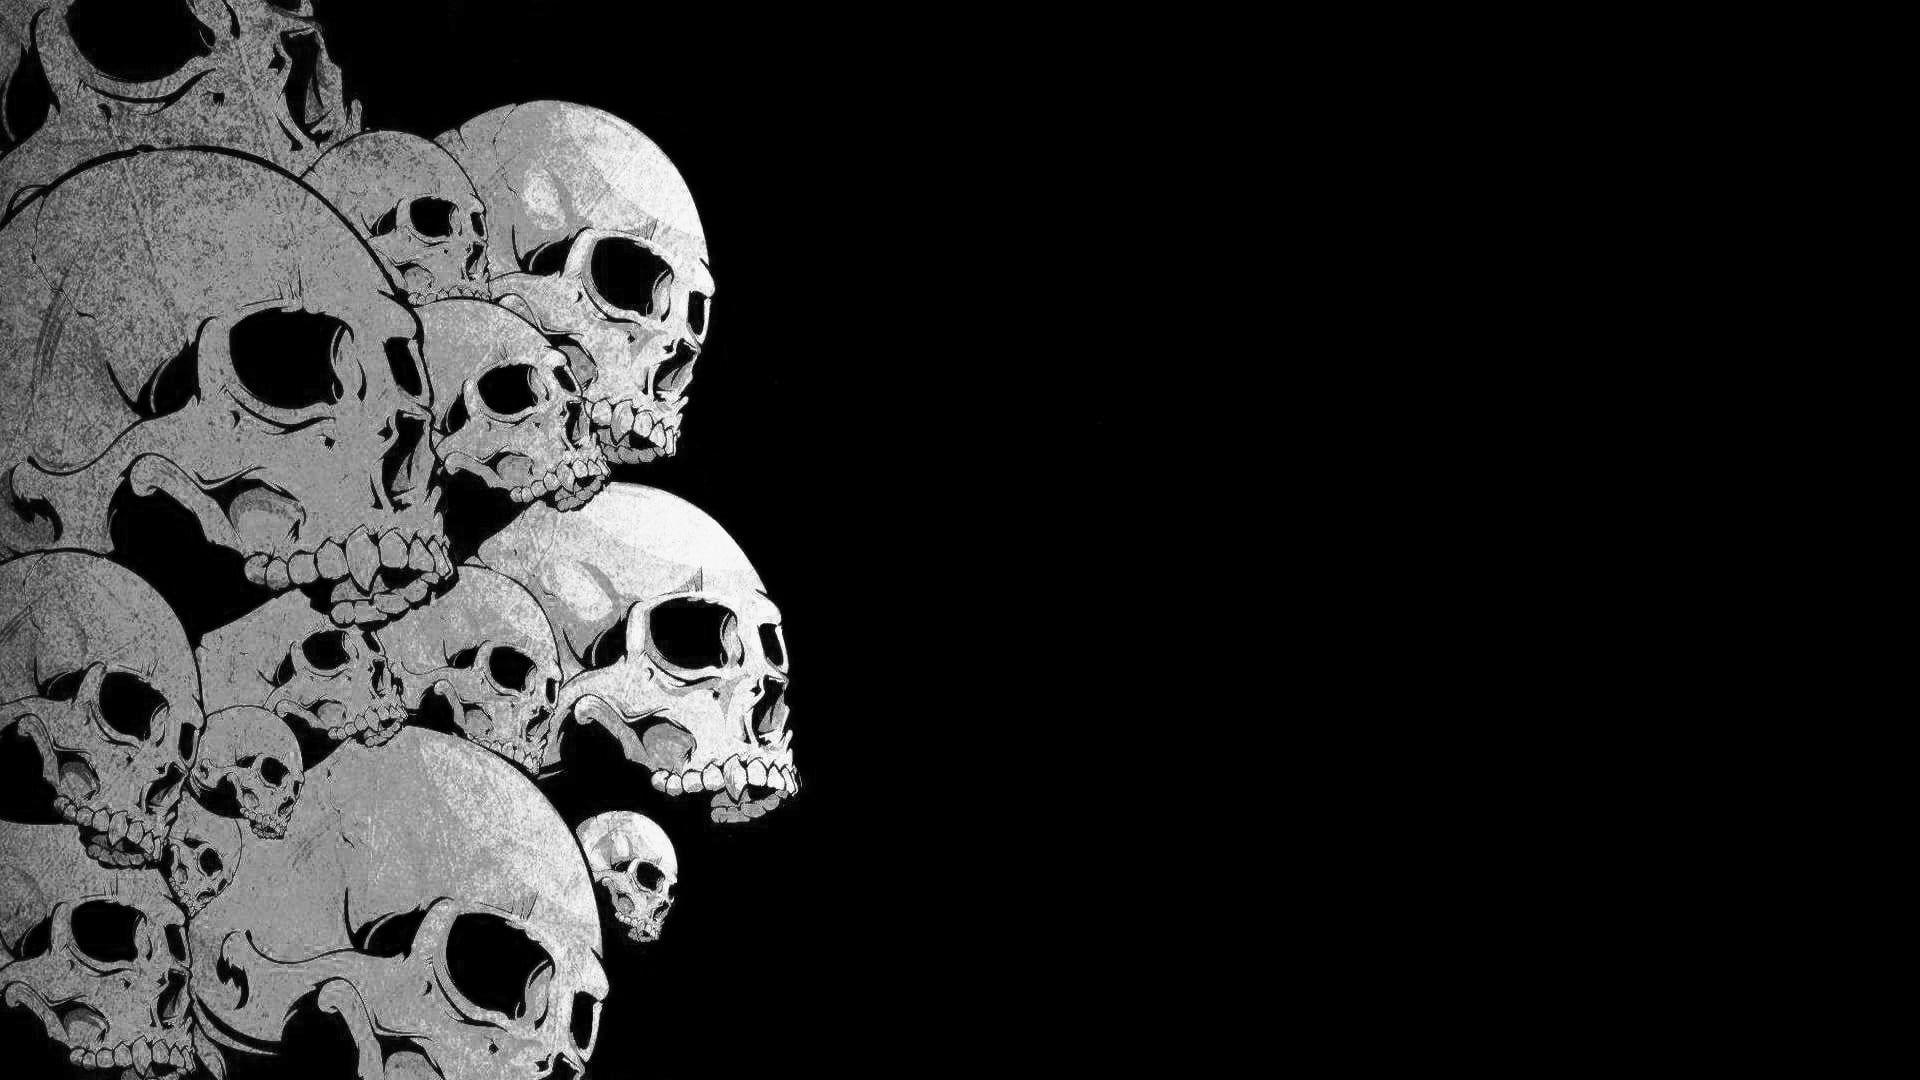 skull illustration skull 1080P wallpaper hdwallpaper